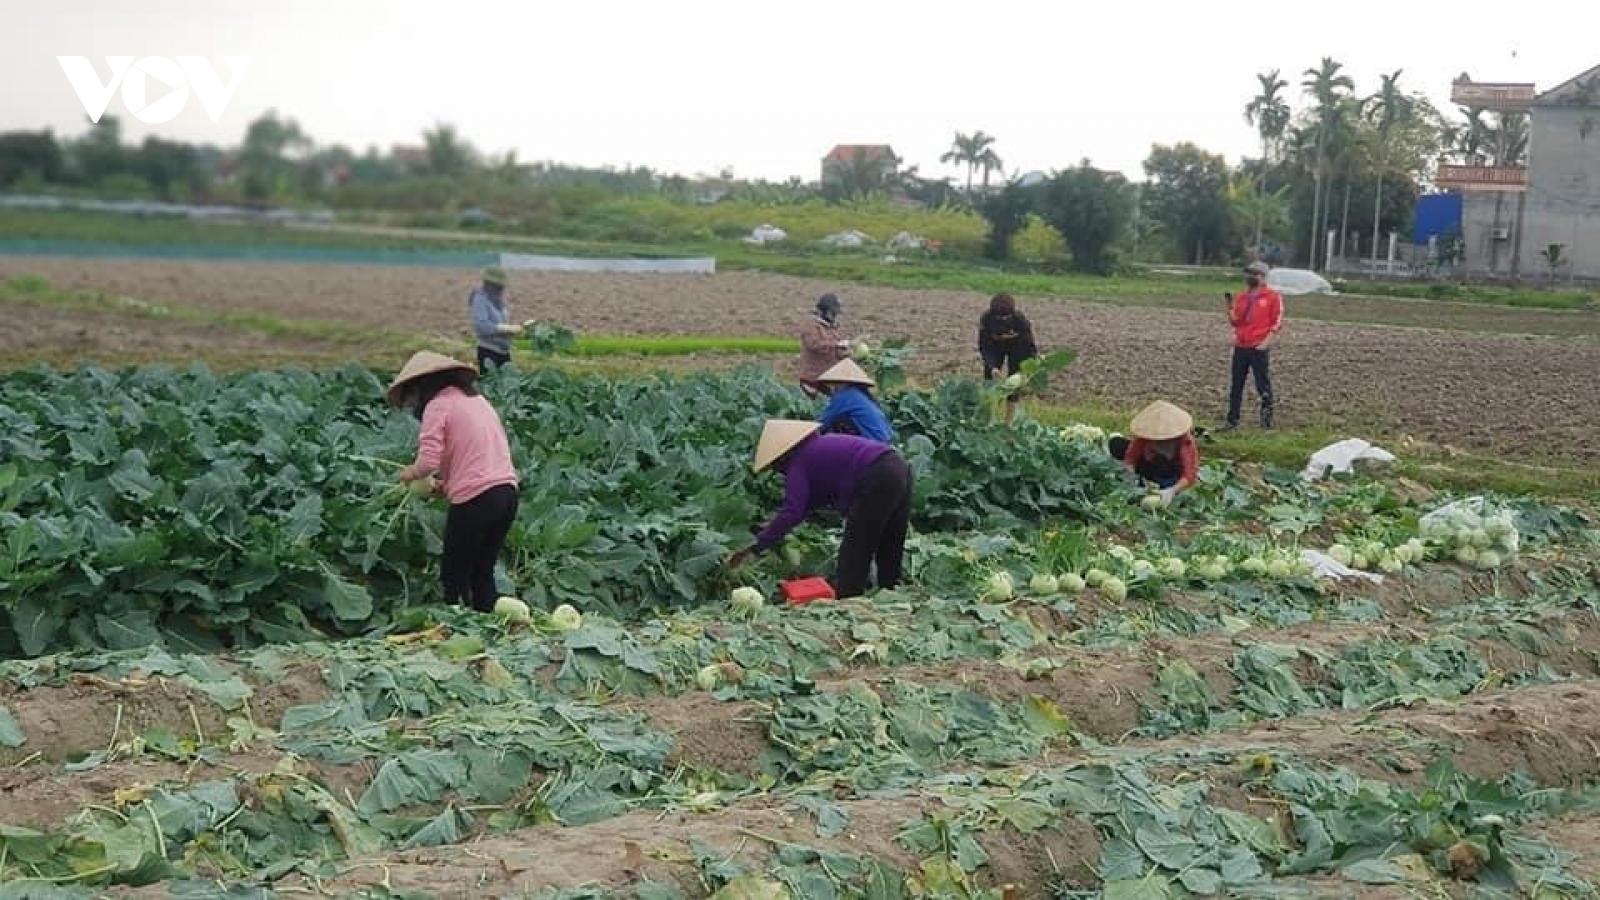 Tiêu thụ nông sản cho nông dân vùng dịch: Không phải chỉ bằng tình thương, giải cứu